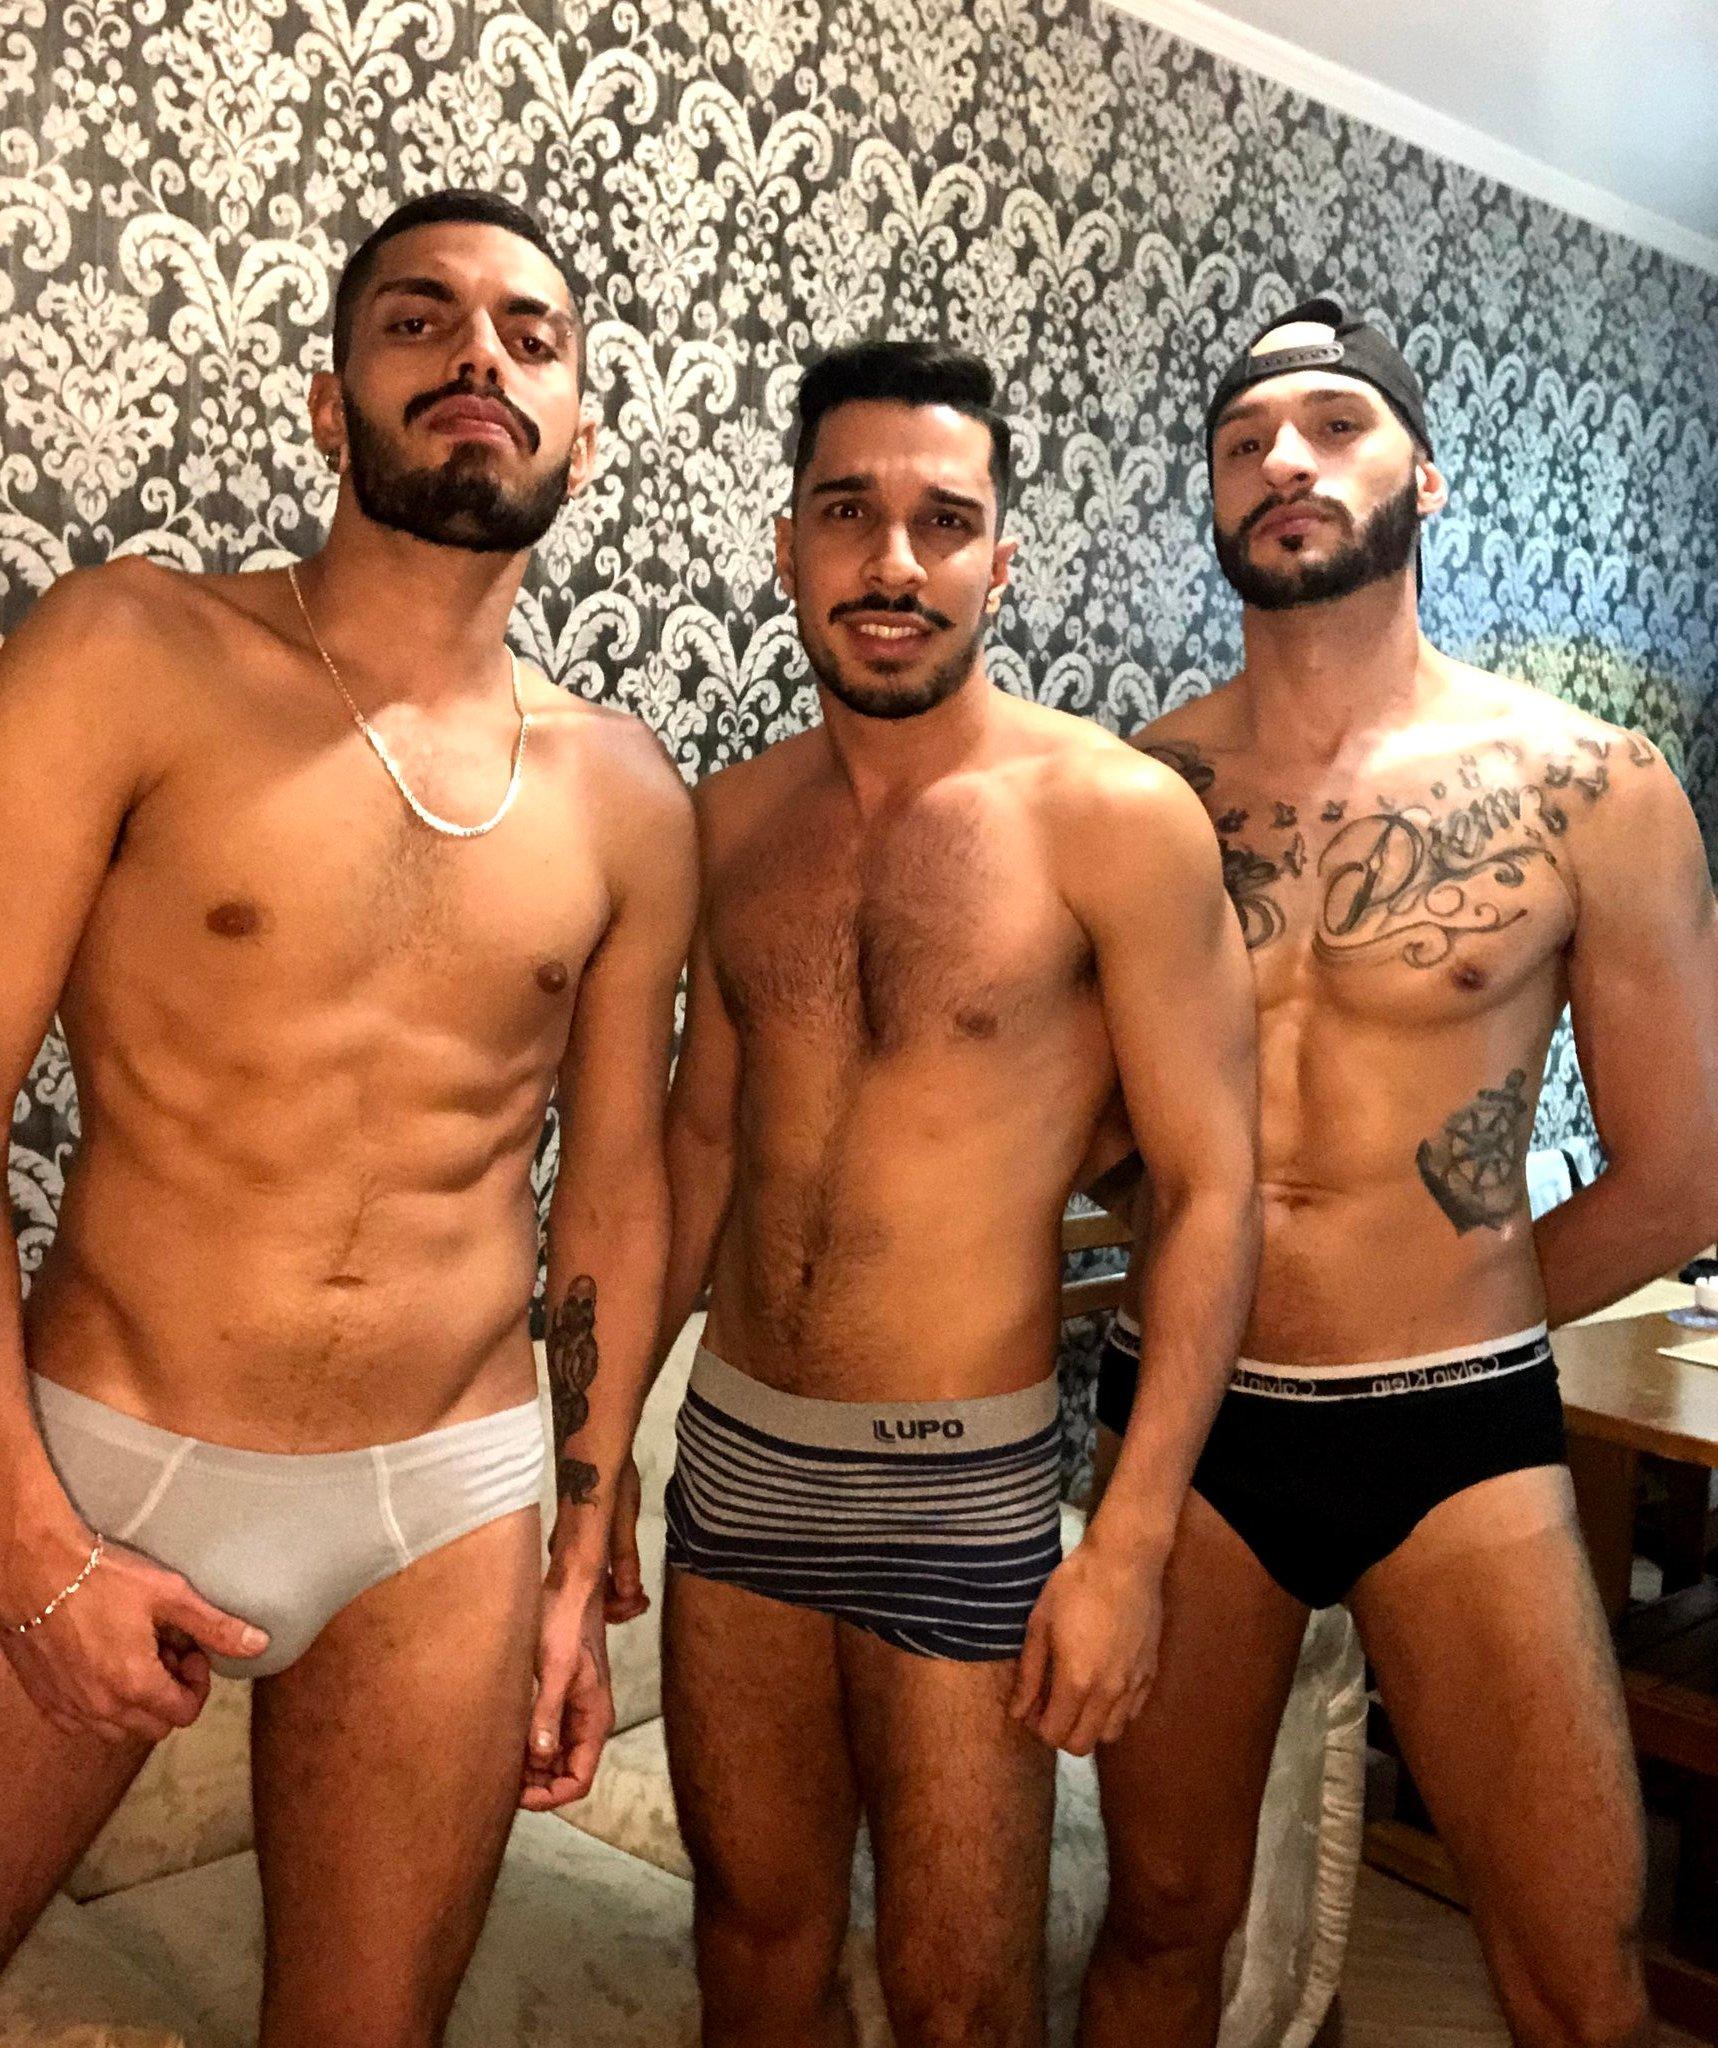 amigos desnudos